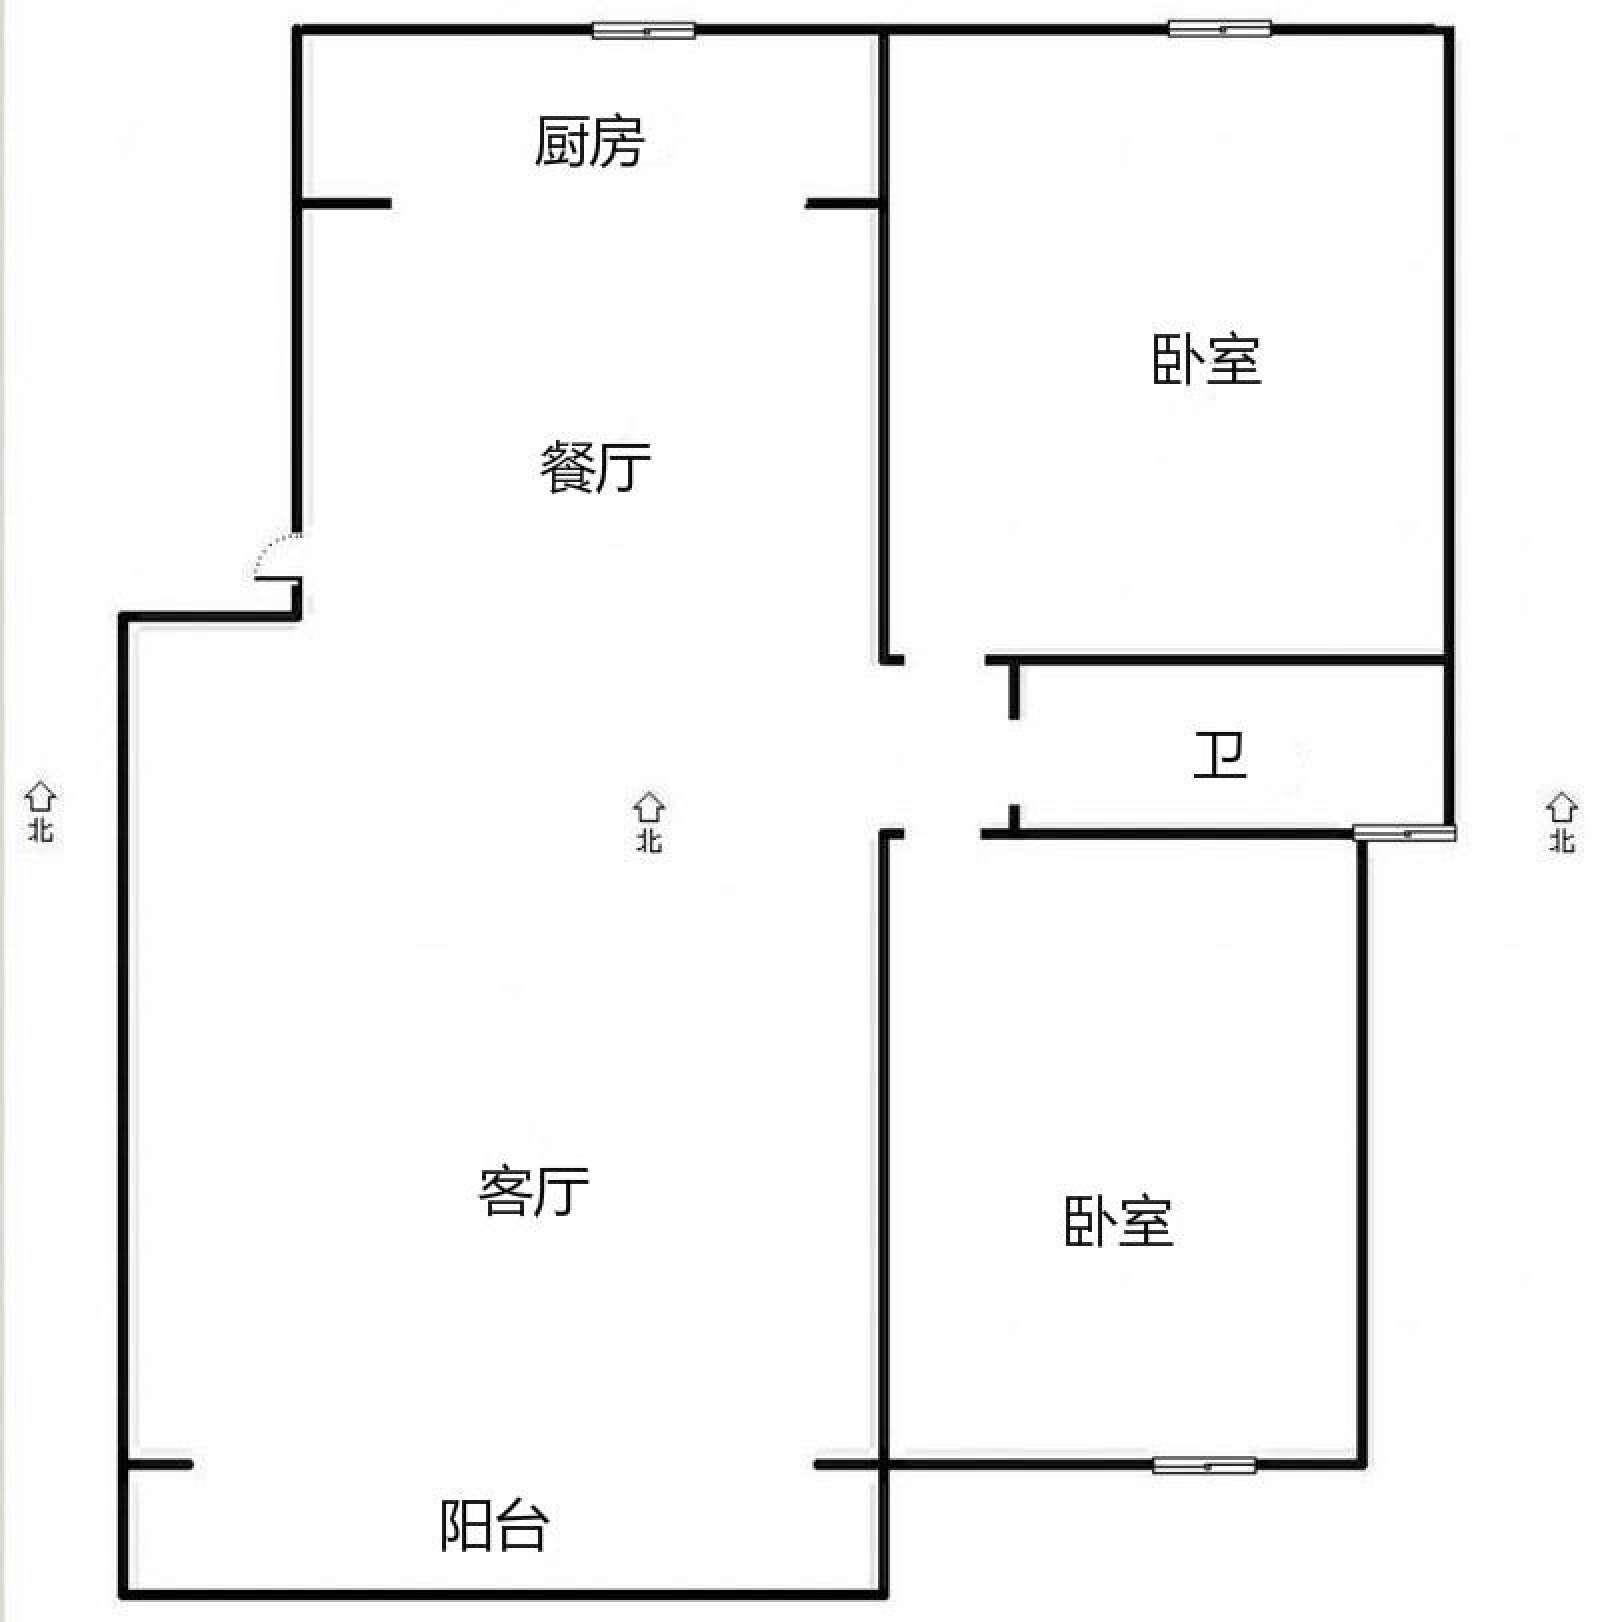 官牌夹安置小区 2室1厅70.11㎡